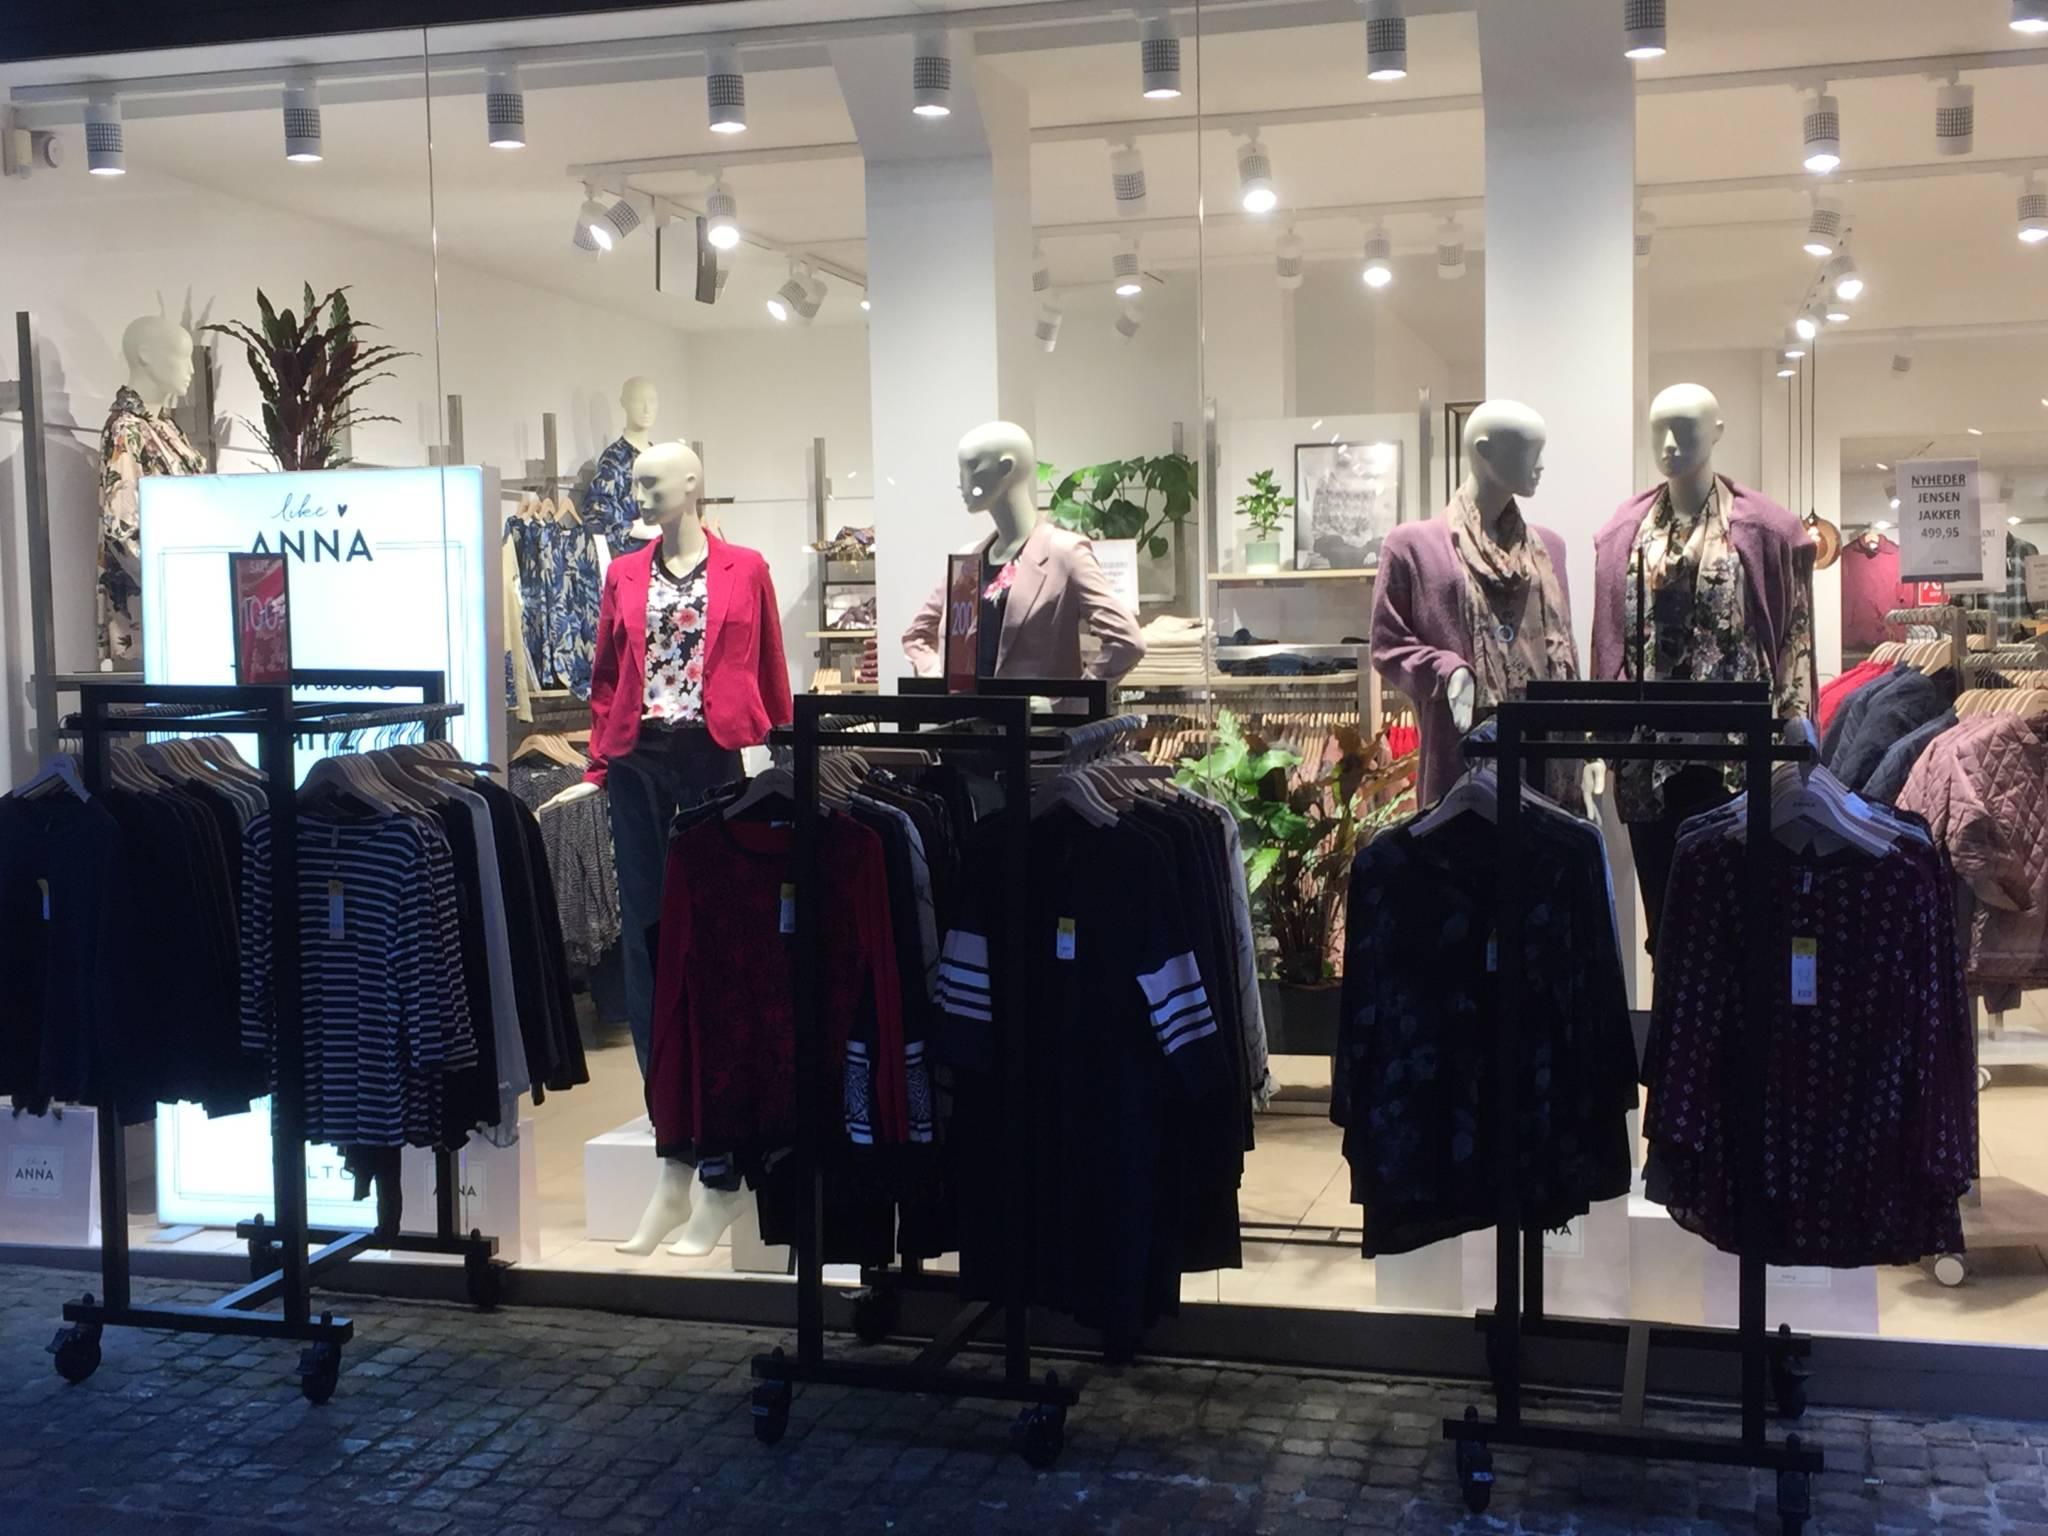 Flot indrette modebutik i hjertet af Ålborg. Gadeinventar. Gadestativ. Butiksindretning. Butiksinventar.